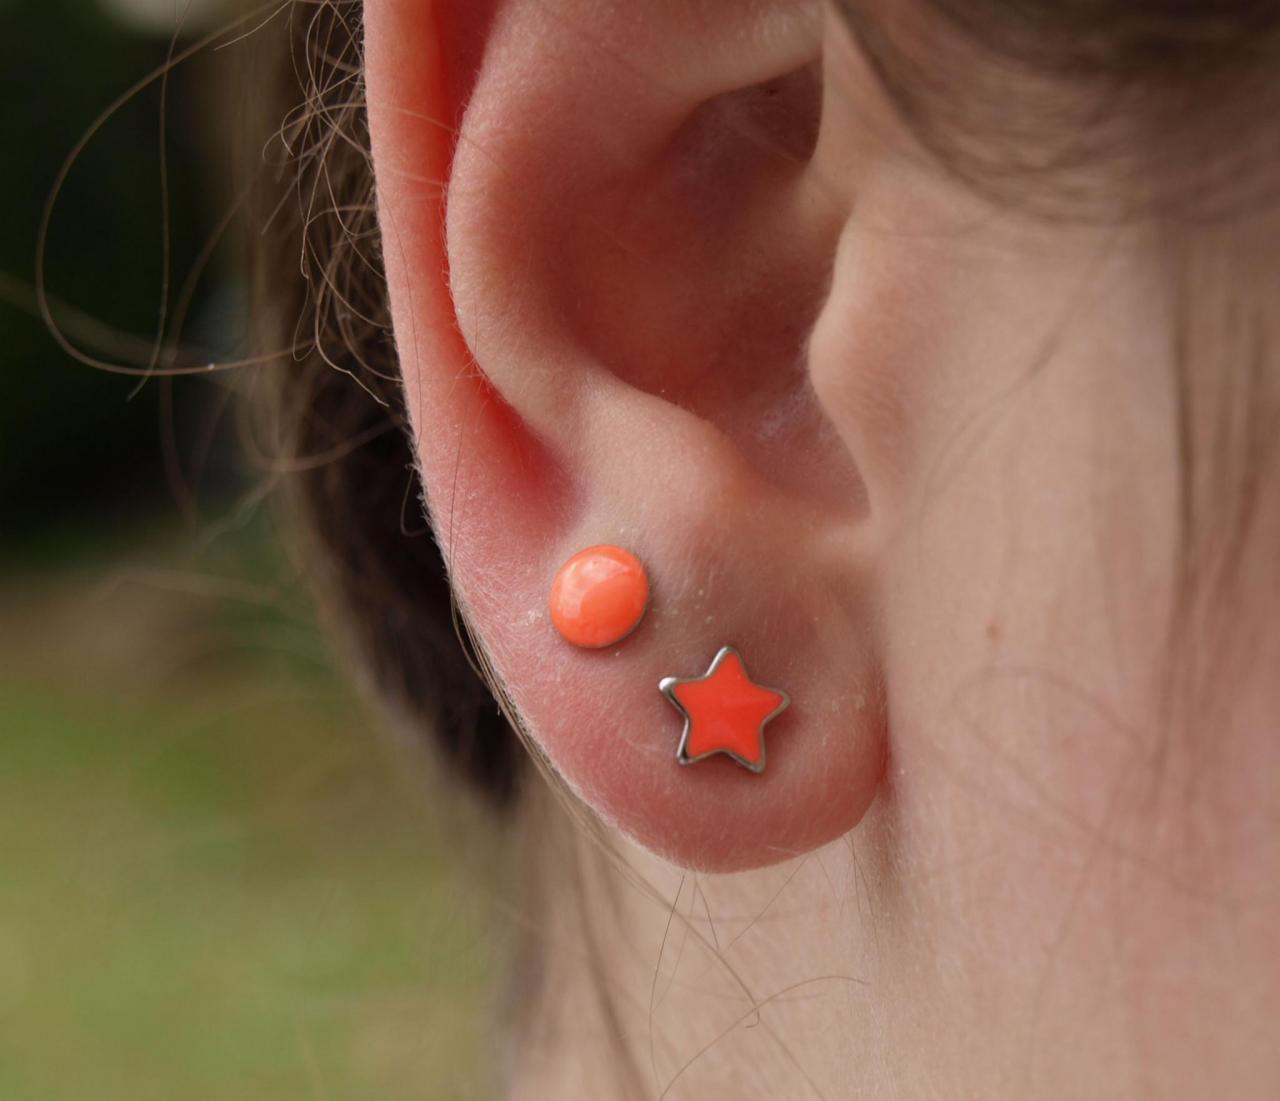 Ohrstecker Allergiker geeignet leuchtend orange stern u rund am ohr Studex.jpg